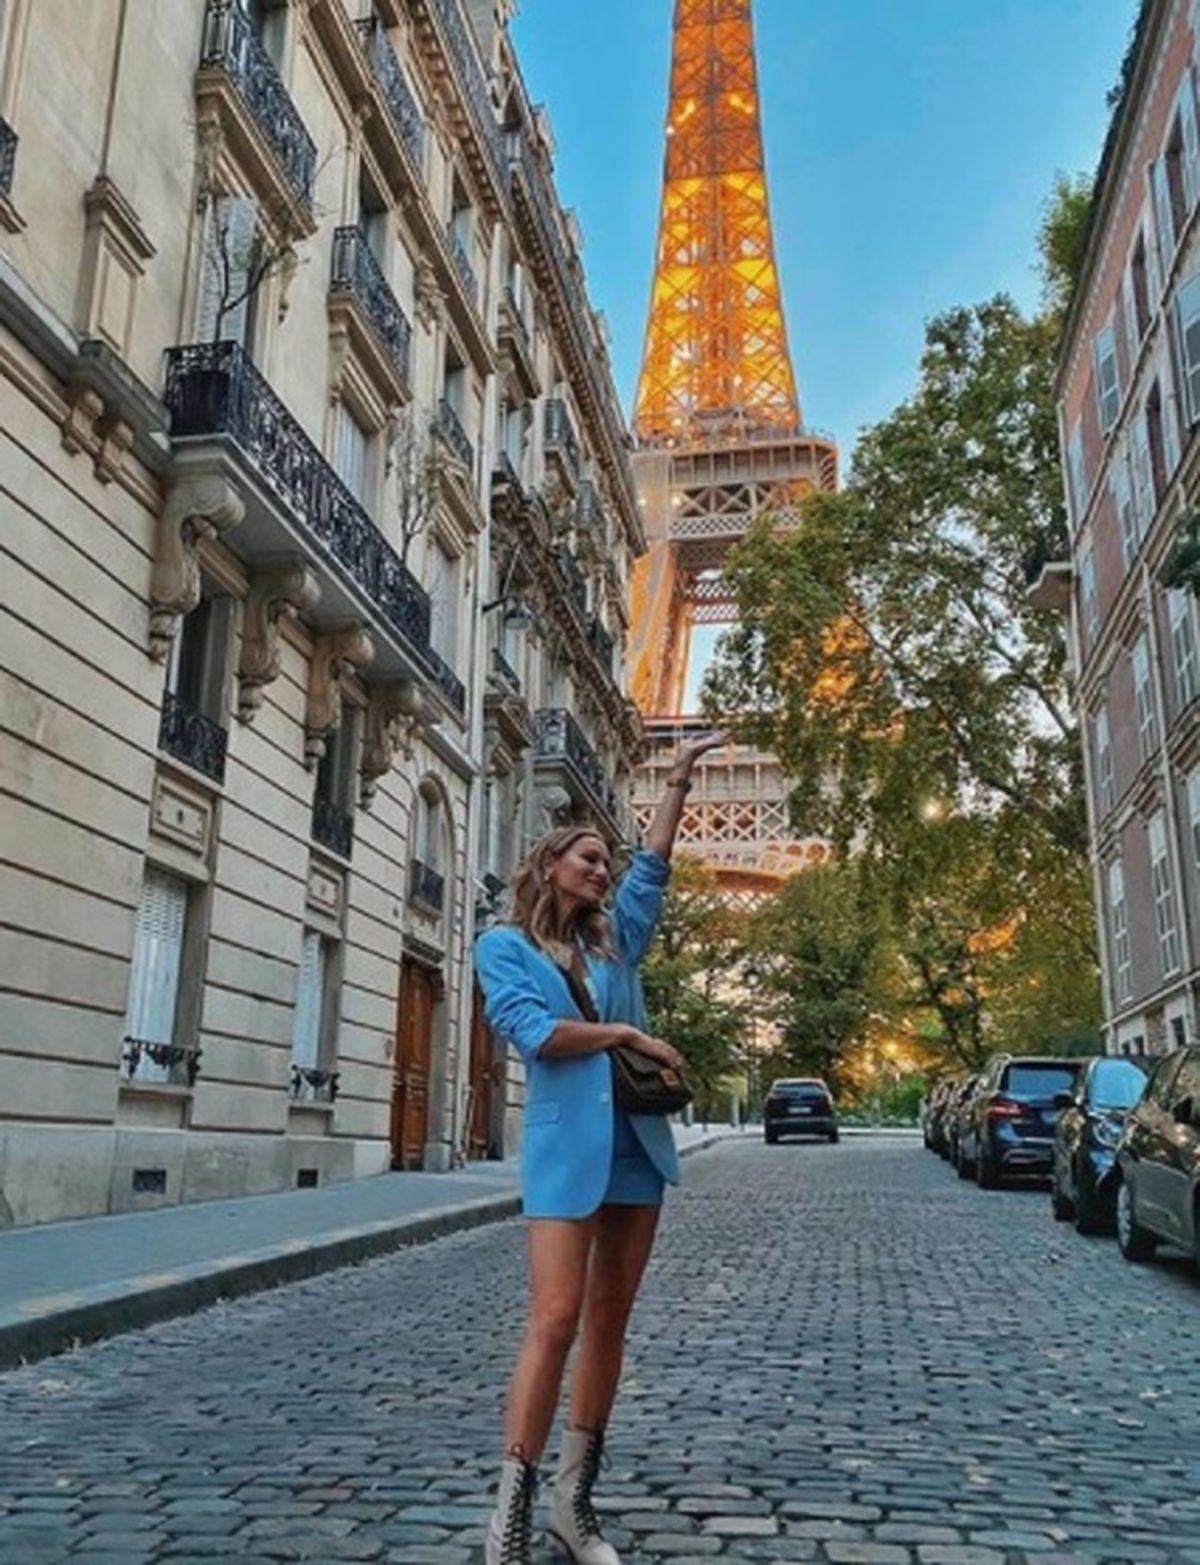 Intalnirea femeii insarcinate Paris